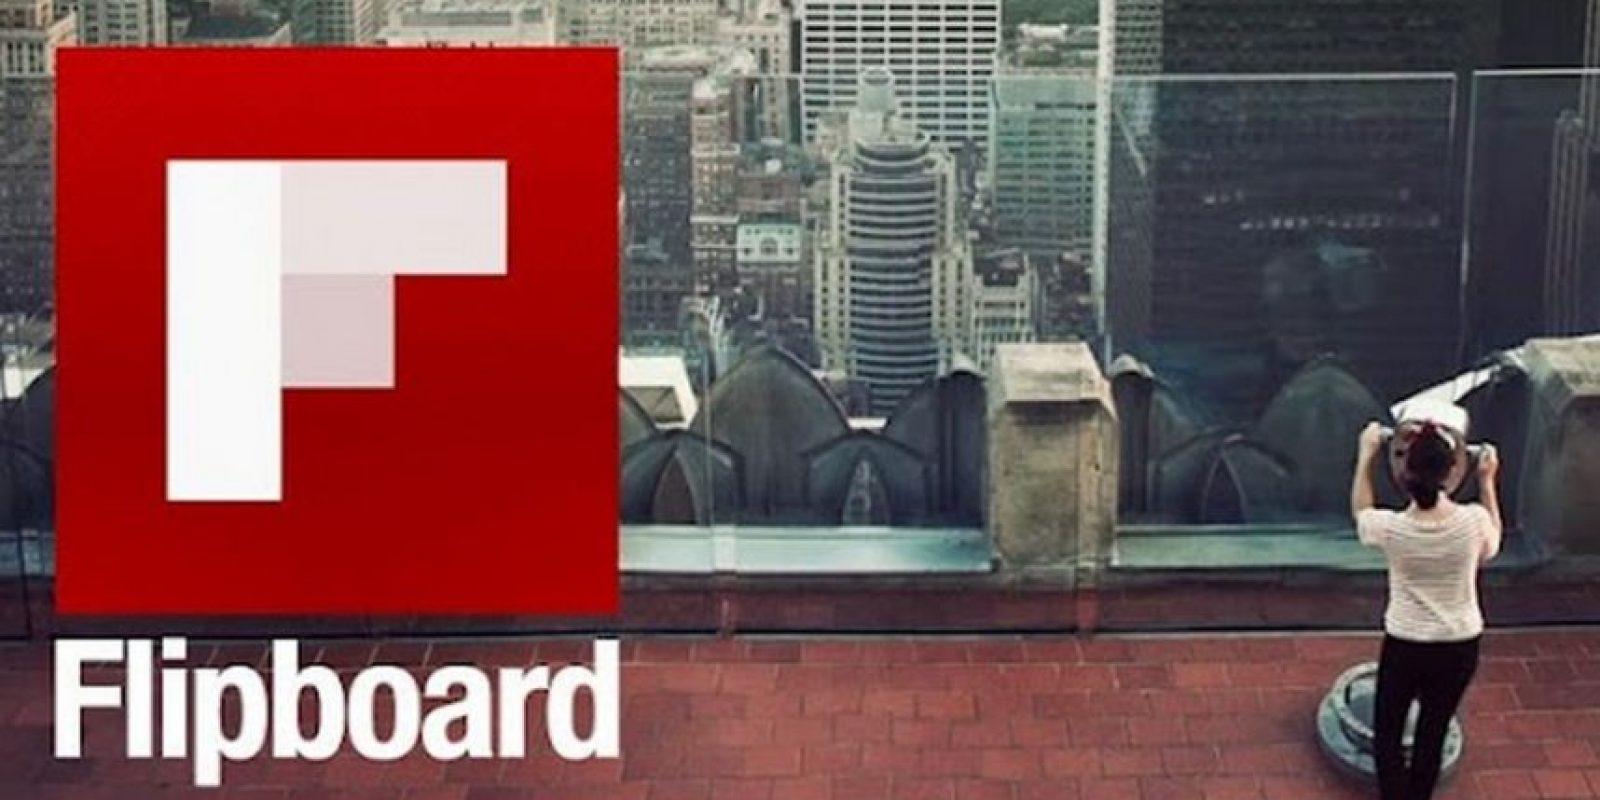 Flipboard se ha convertido en la aplicación que todos desean adquirir y estas son las razones de ello. Foto:Flipboard